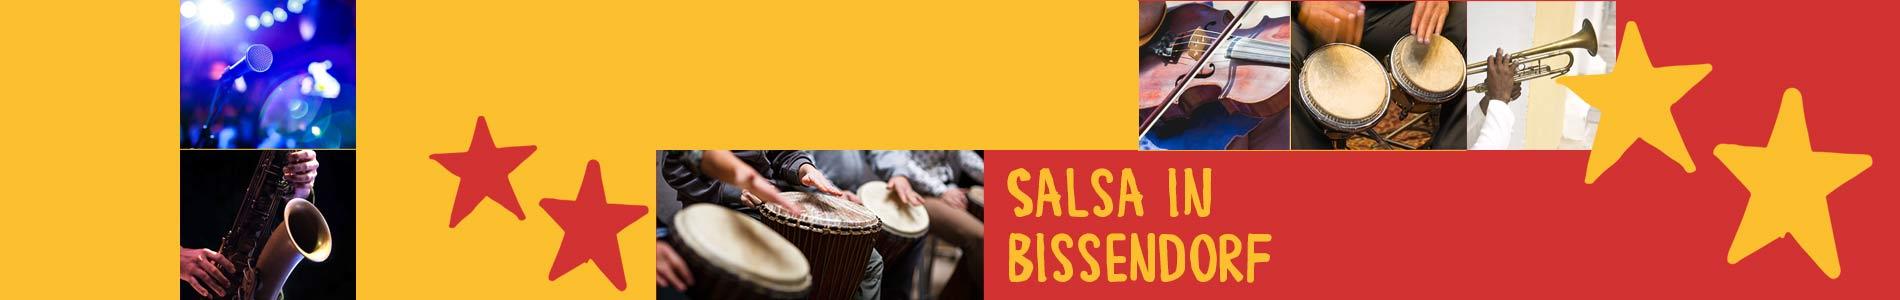 Salsa in Bissendorf – Salsa lernen und tanzen, Tanzkurse, Partys, Veranstaltungen